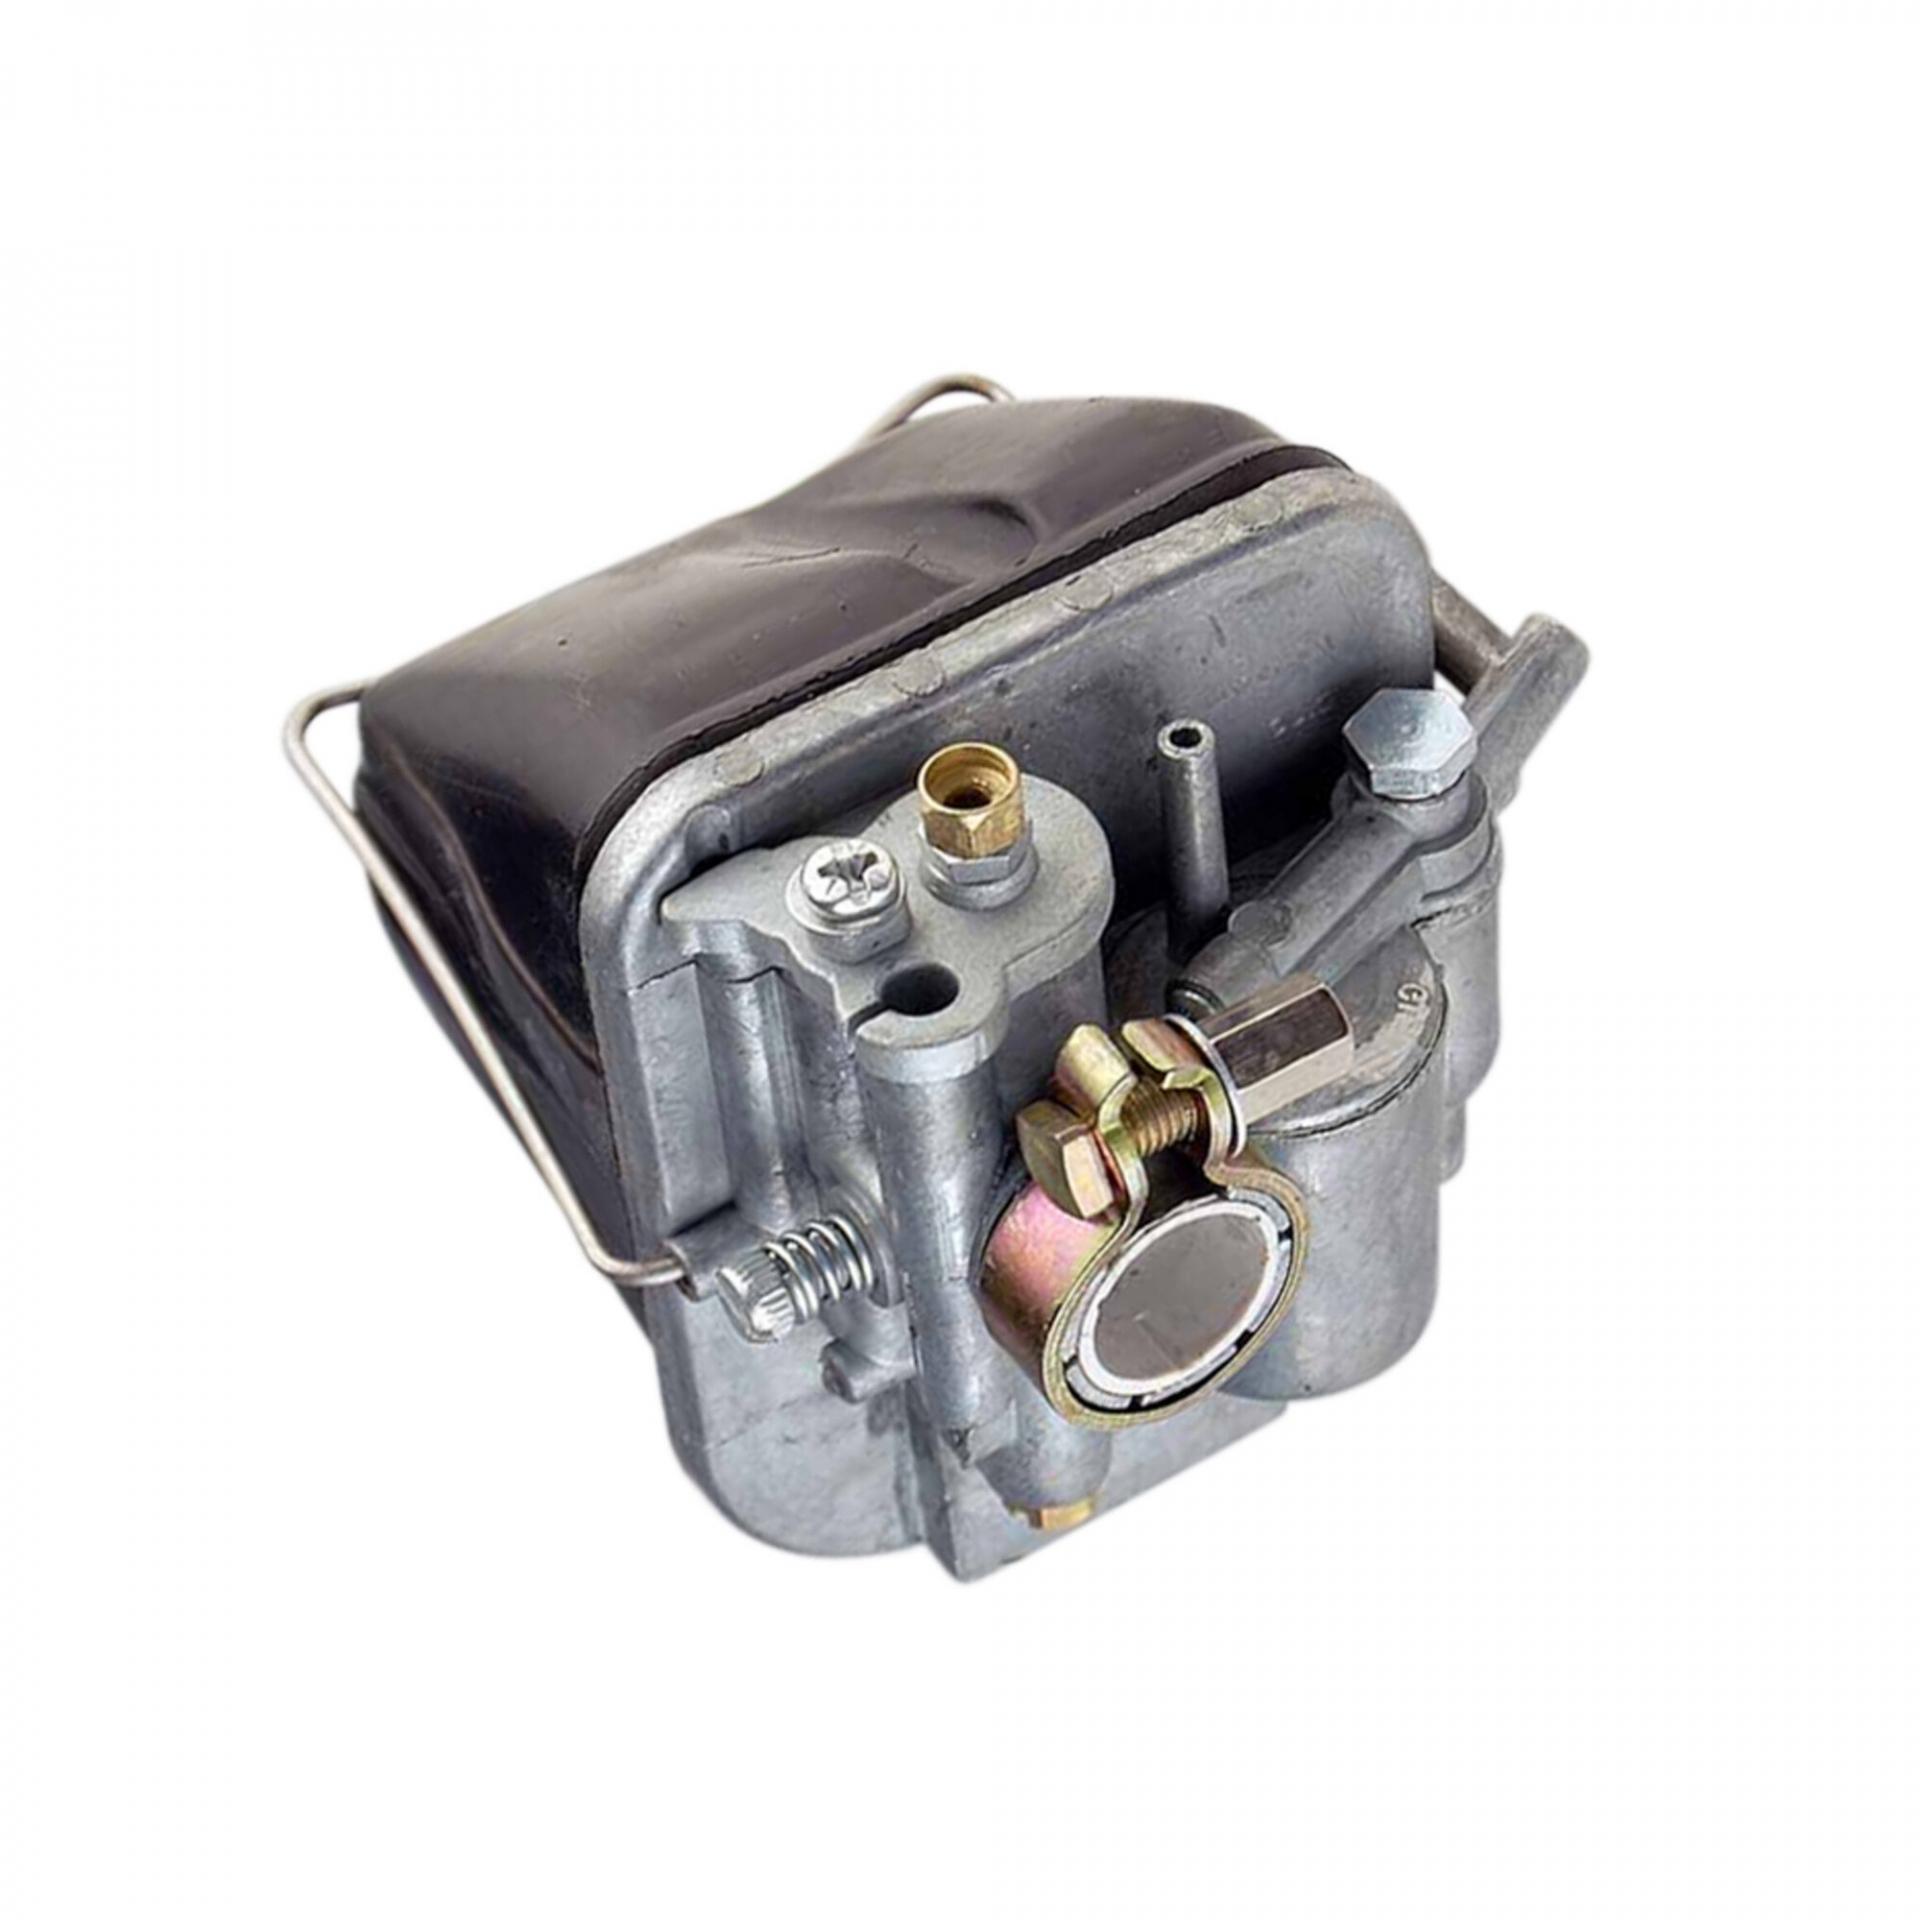 Carburateur 1Tek MBK 88 moteur avant 7